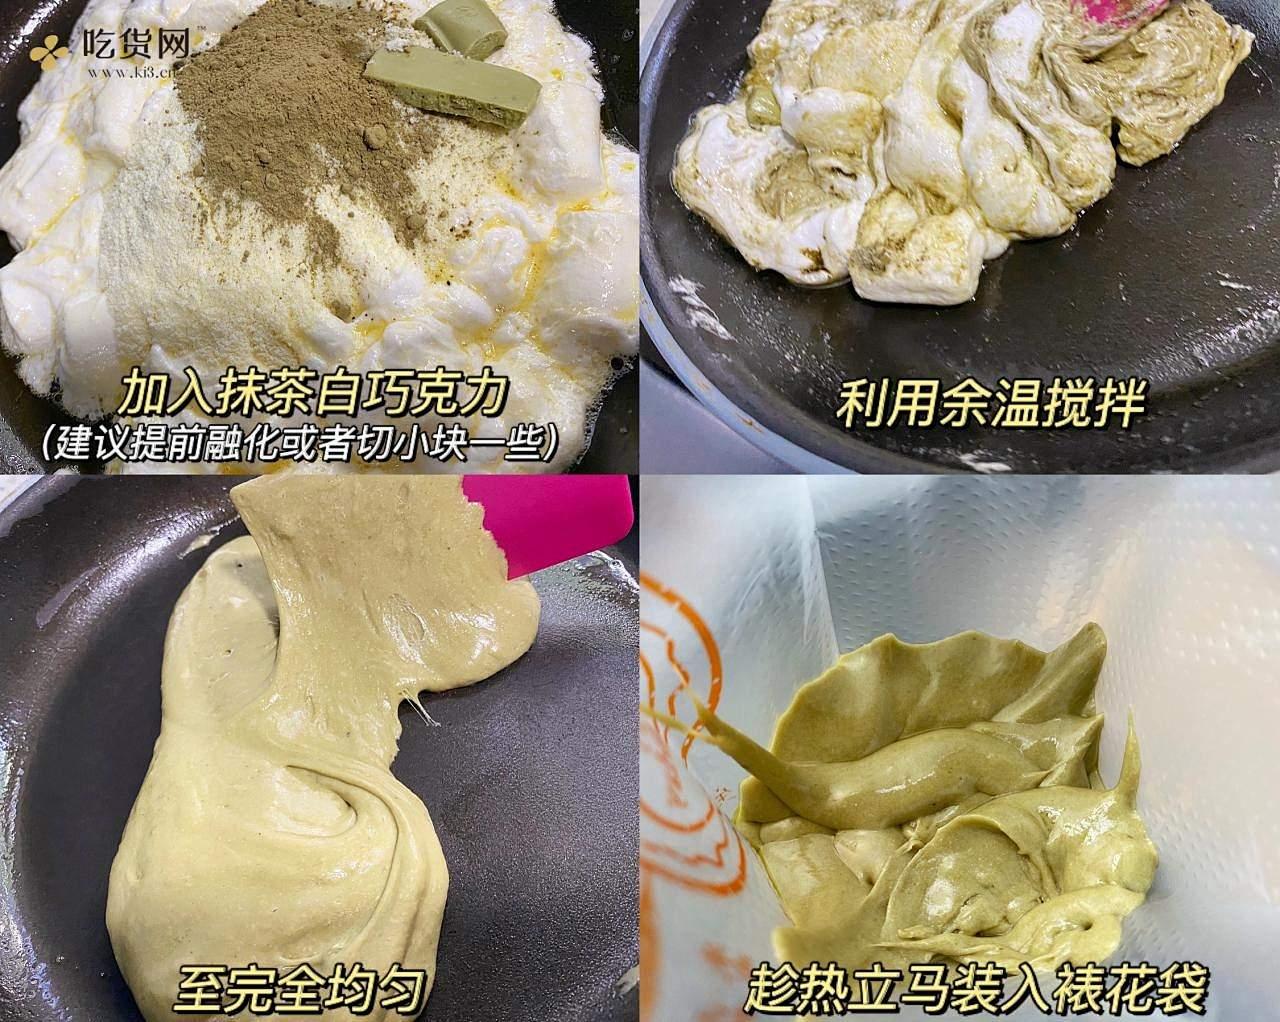 抹茶白巧牛扎饼干🍵刚做出来还能拉丝呢!的做法 步骤3